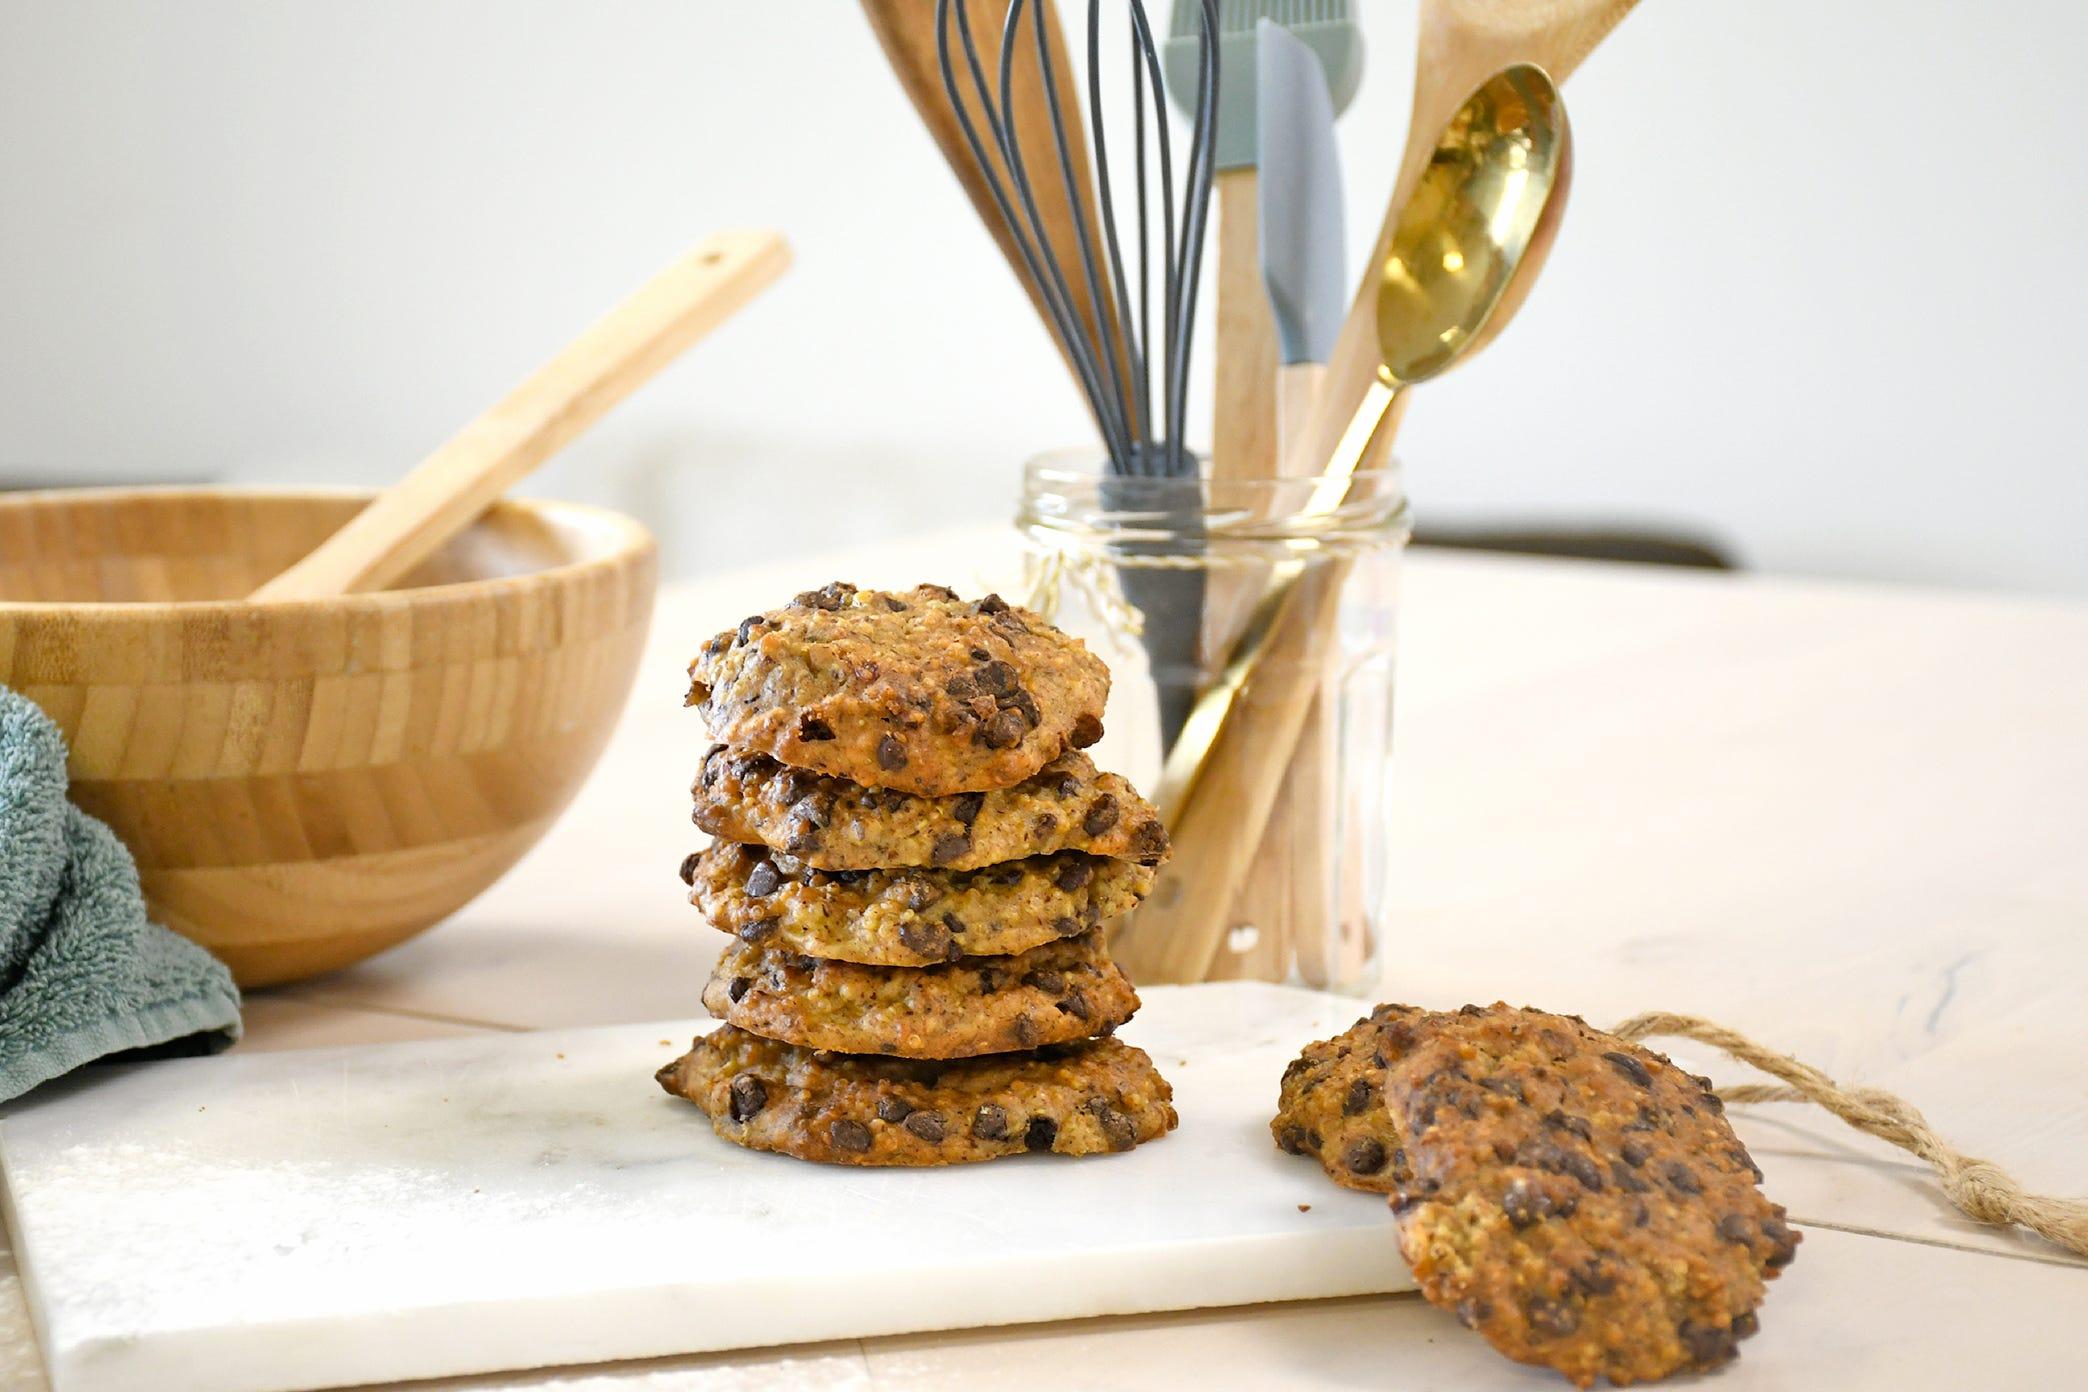 Vi proponiamo una variante ai soliti biscotti tradizionali… ecco a voi la nostra ricetta di biscotti alla quinoa!